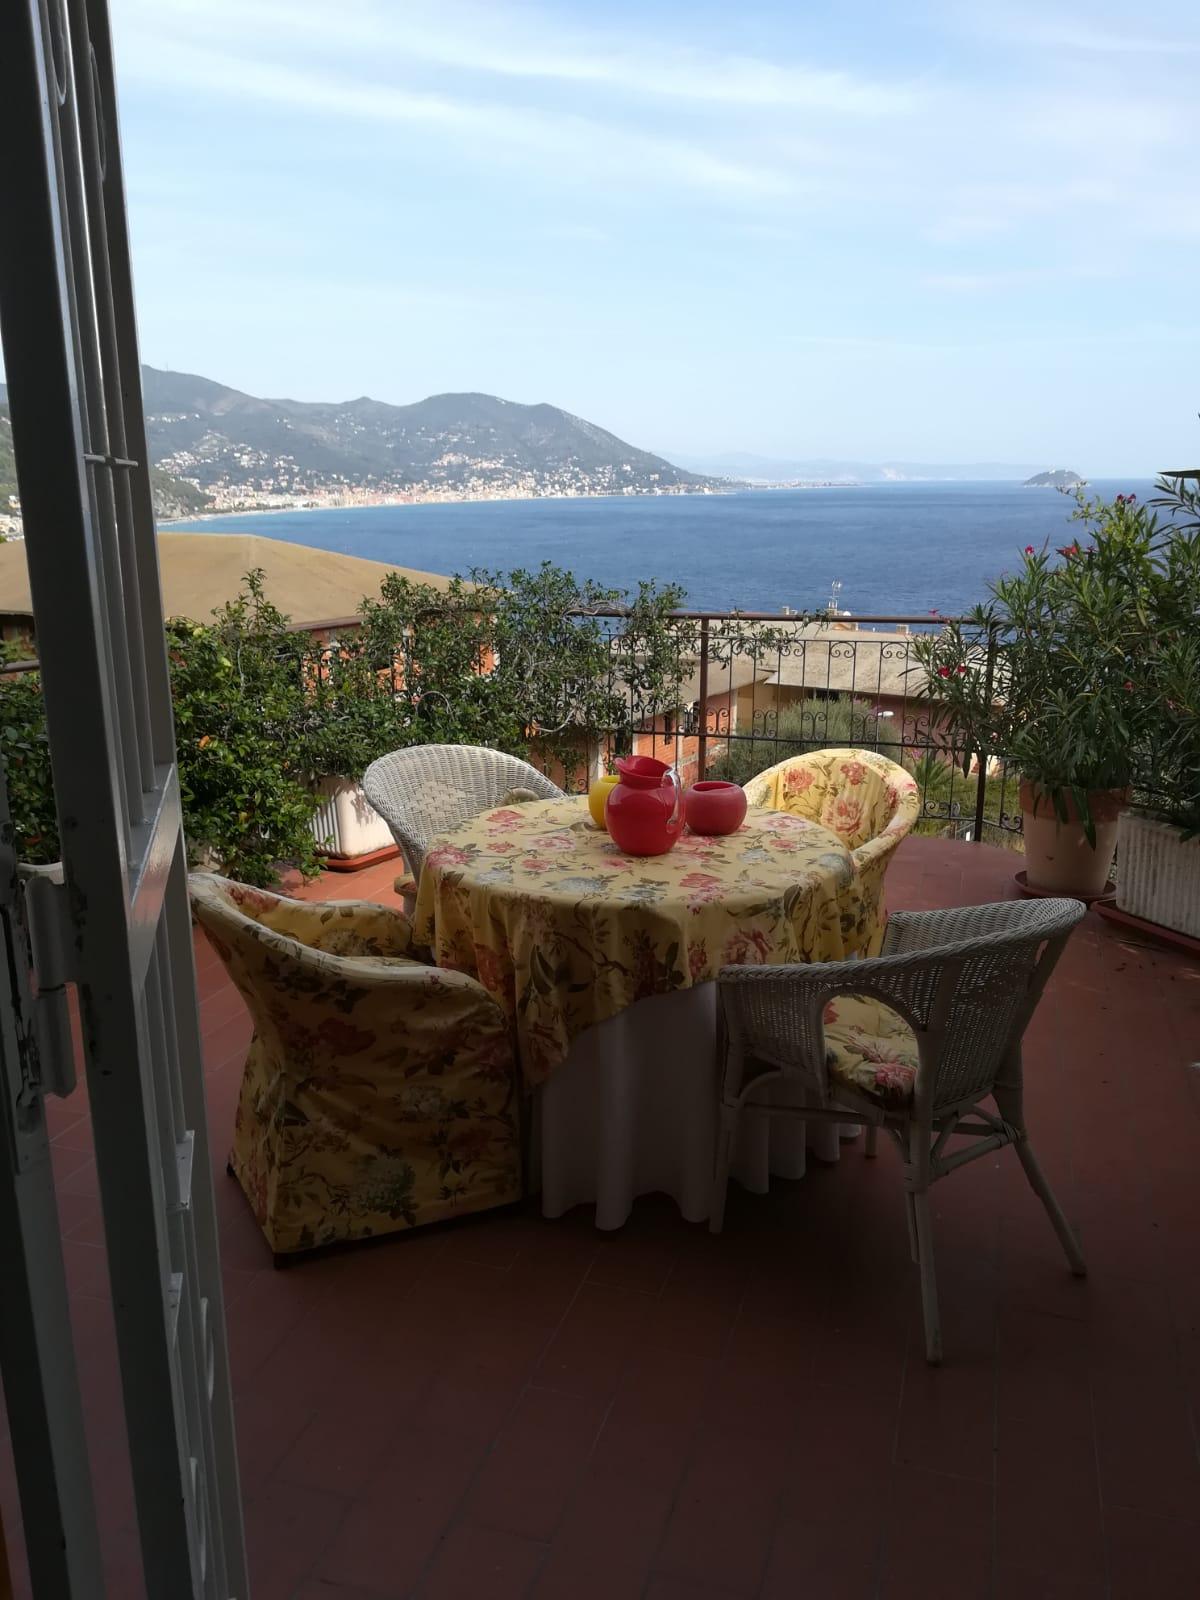 Appartamento in vendita a Laigueglia, 2 locali, zona Località: Precollinare, prezzo € 250.000 | PortaleAgenzieImmobiliari.it